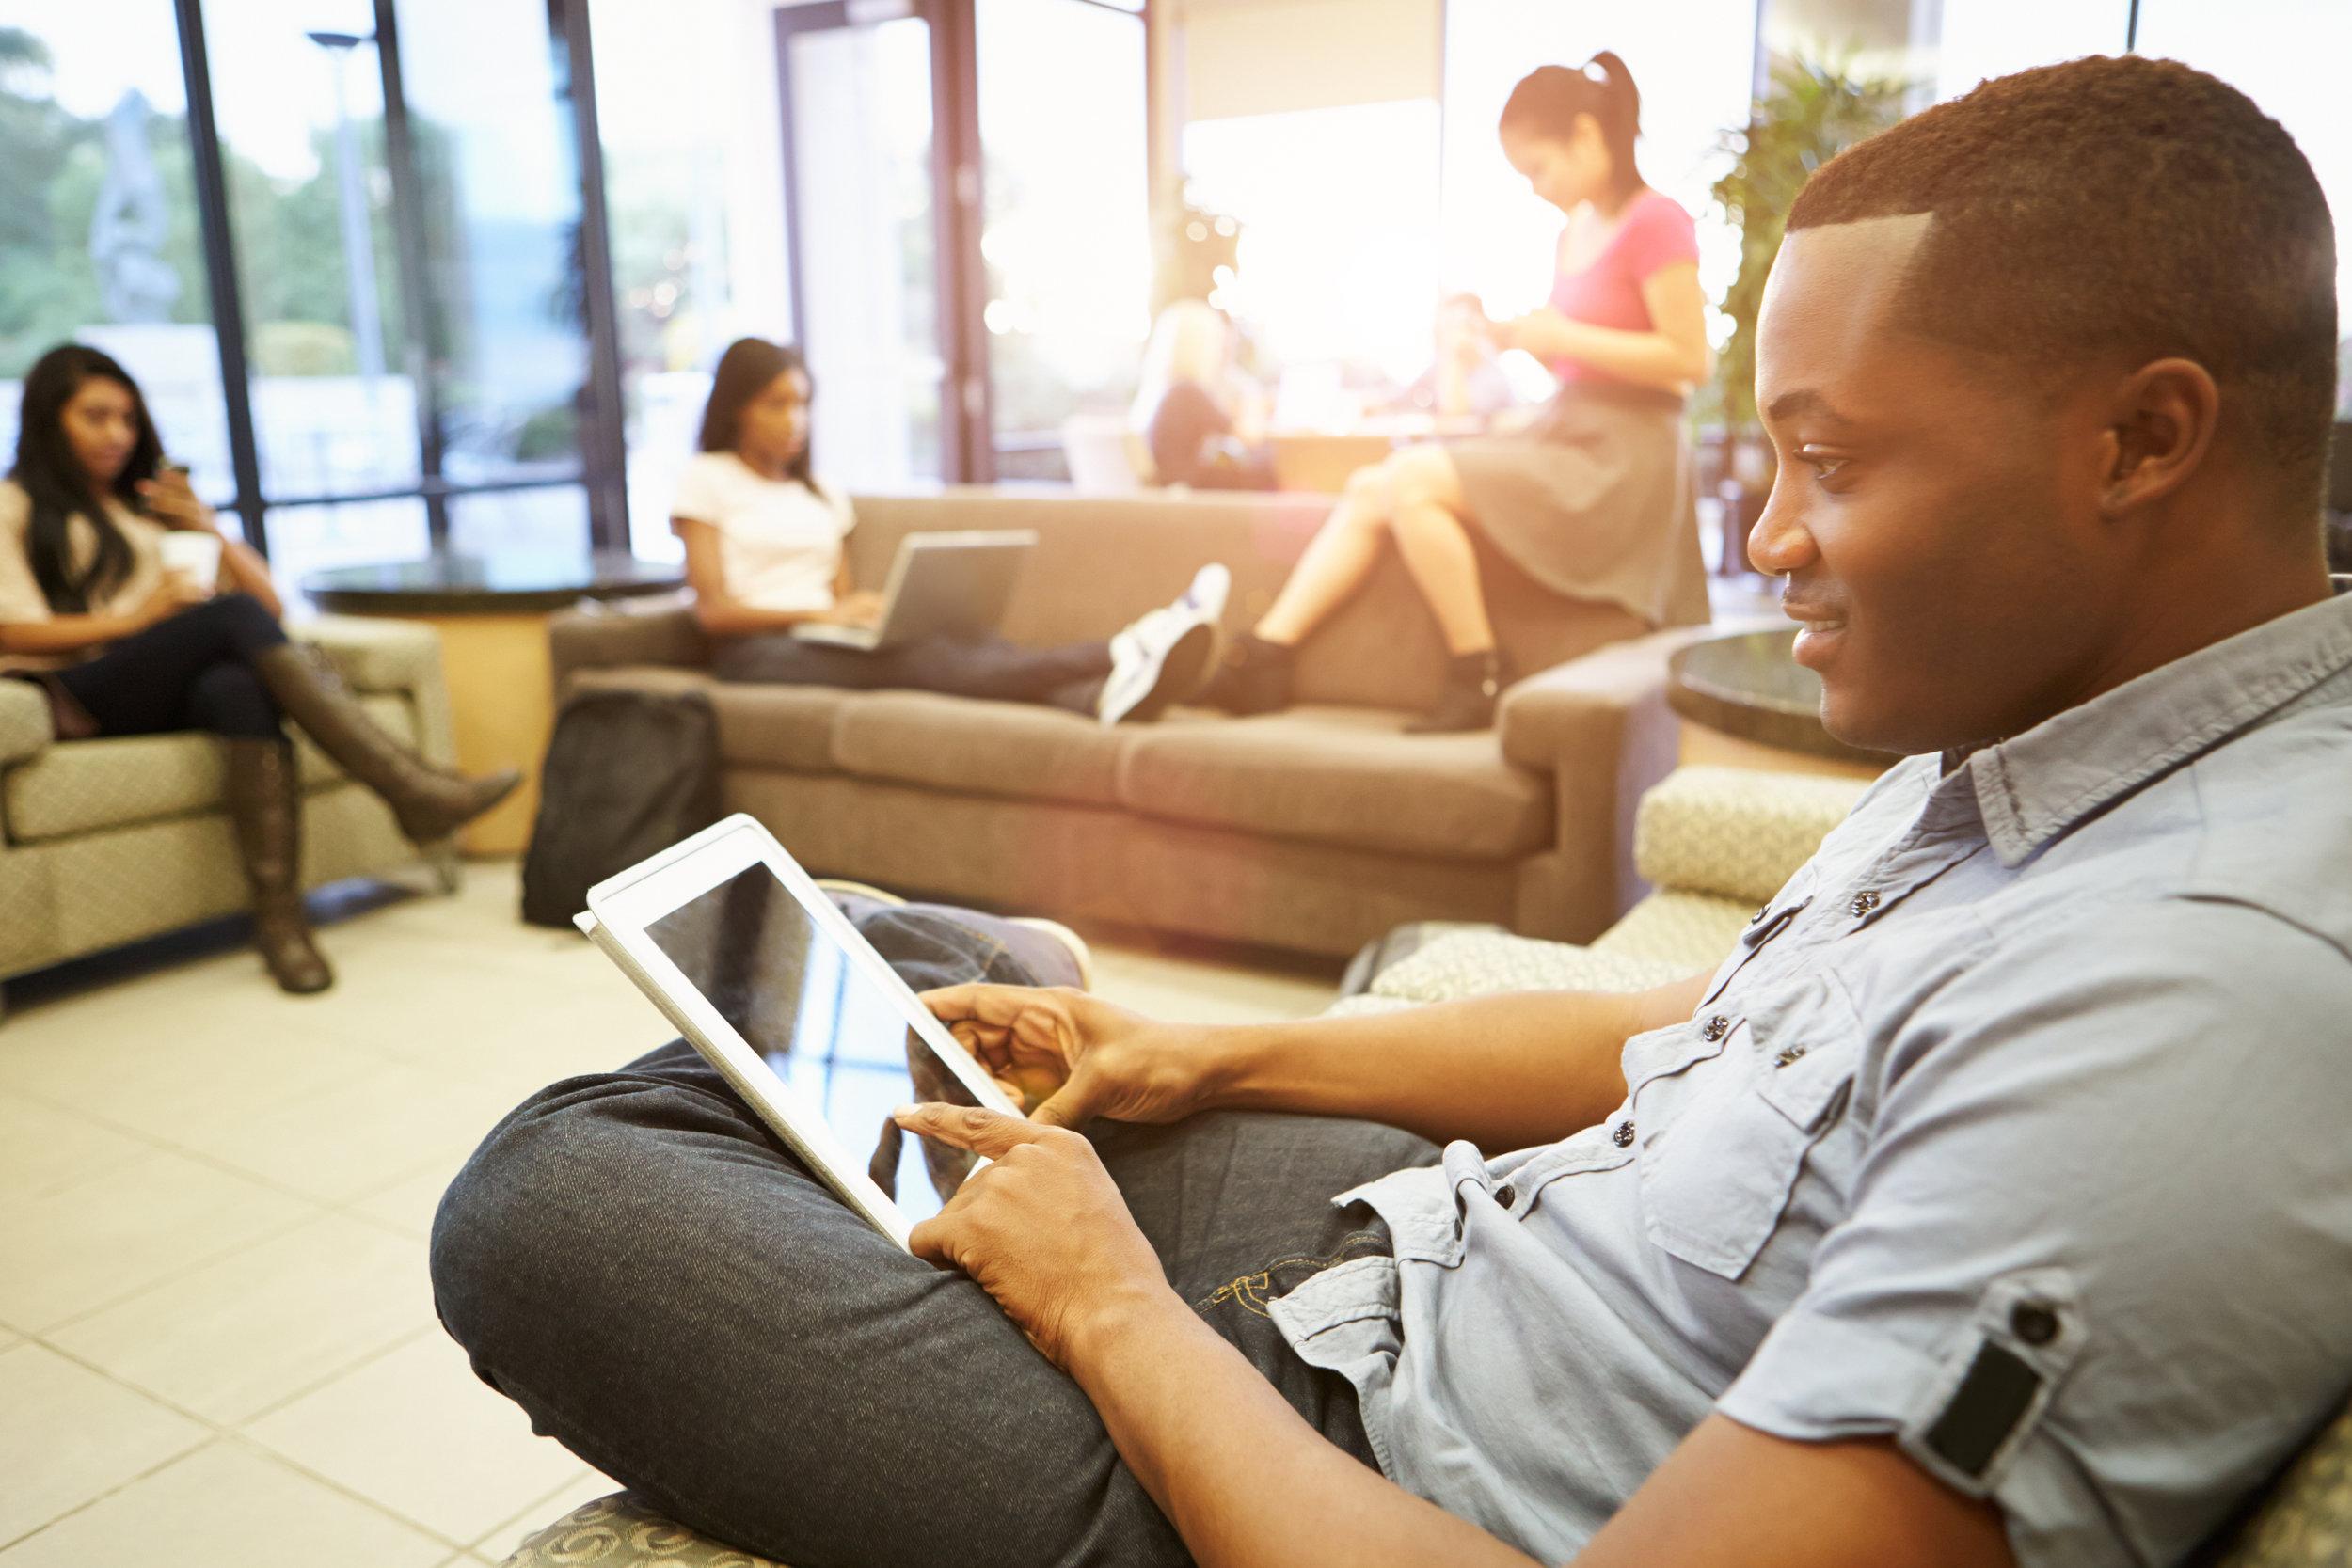 Black man on laptop in coworking space.jpg